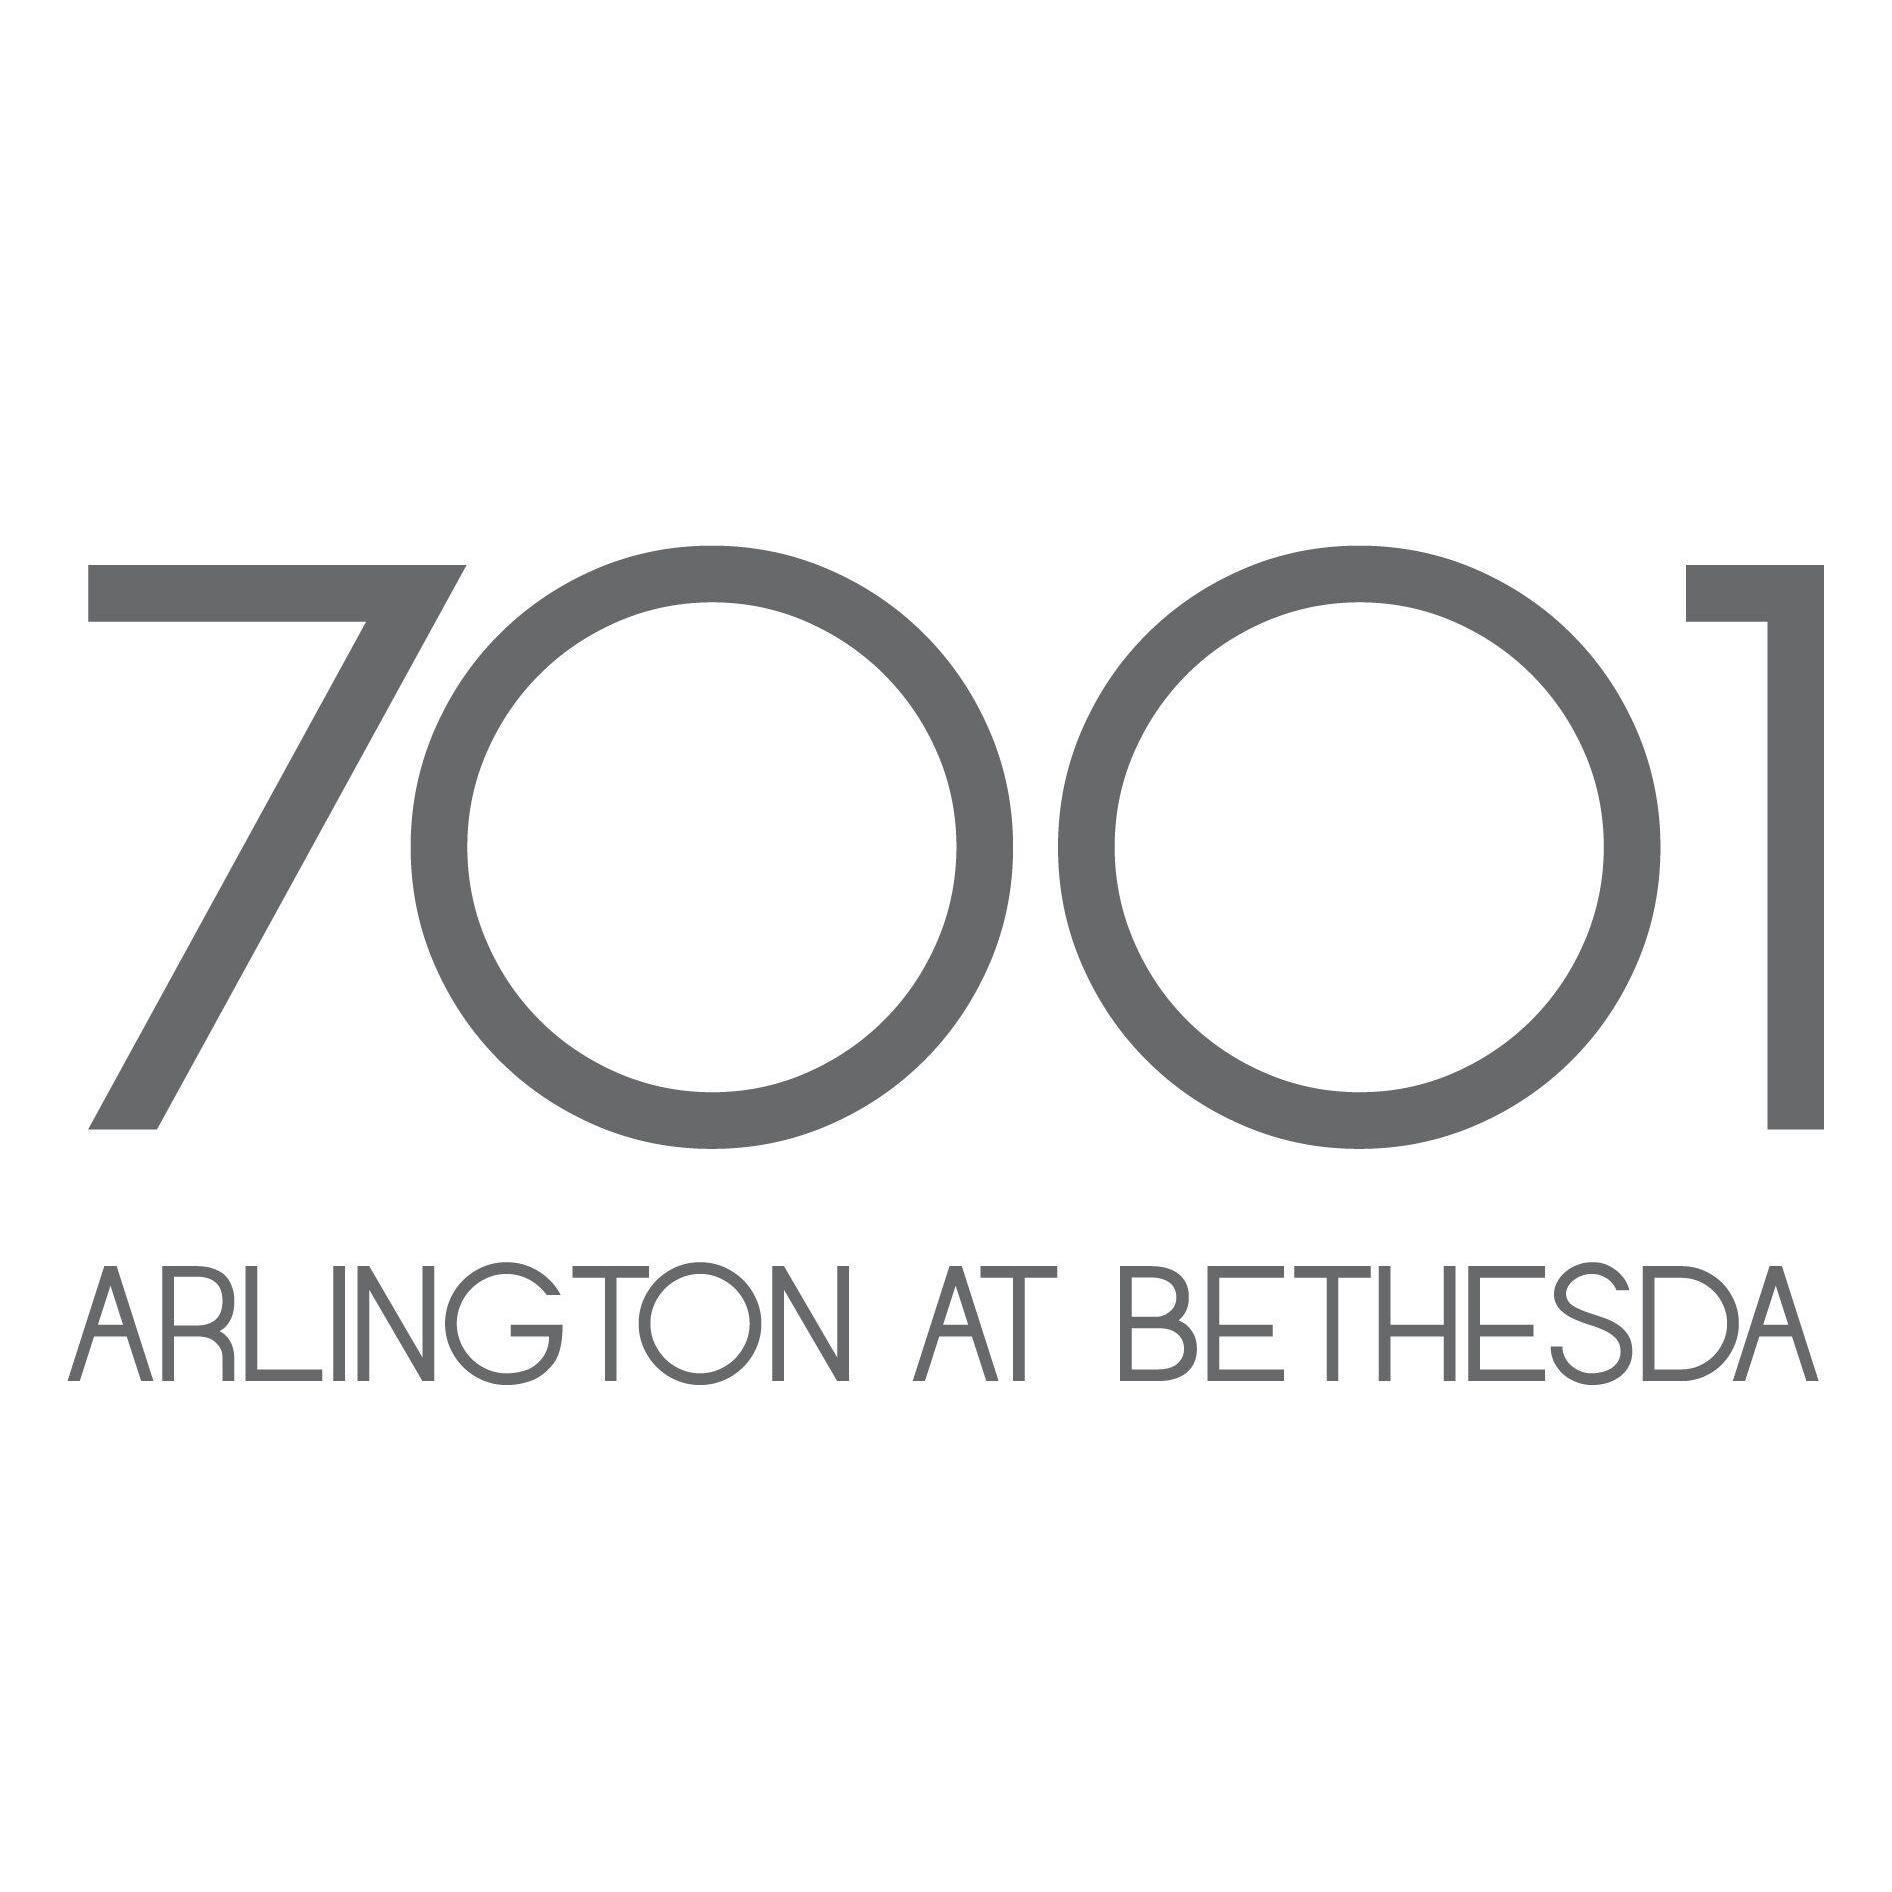 7001 Arlington at Bethesda Apartments image 9